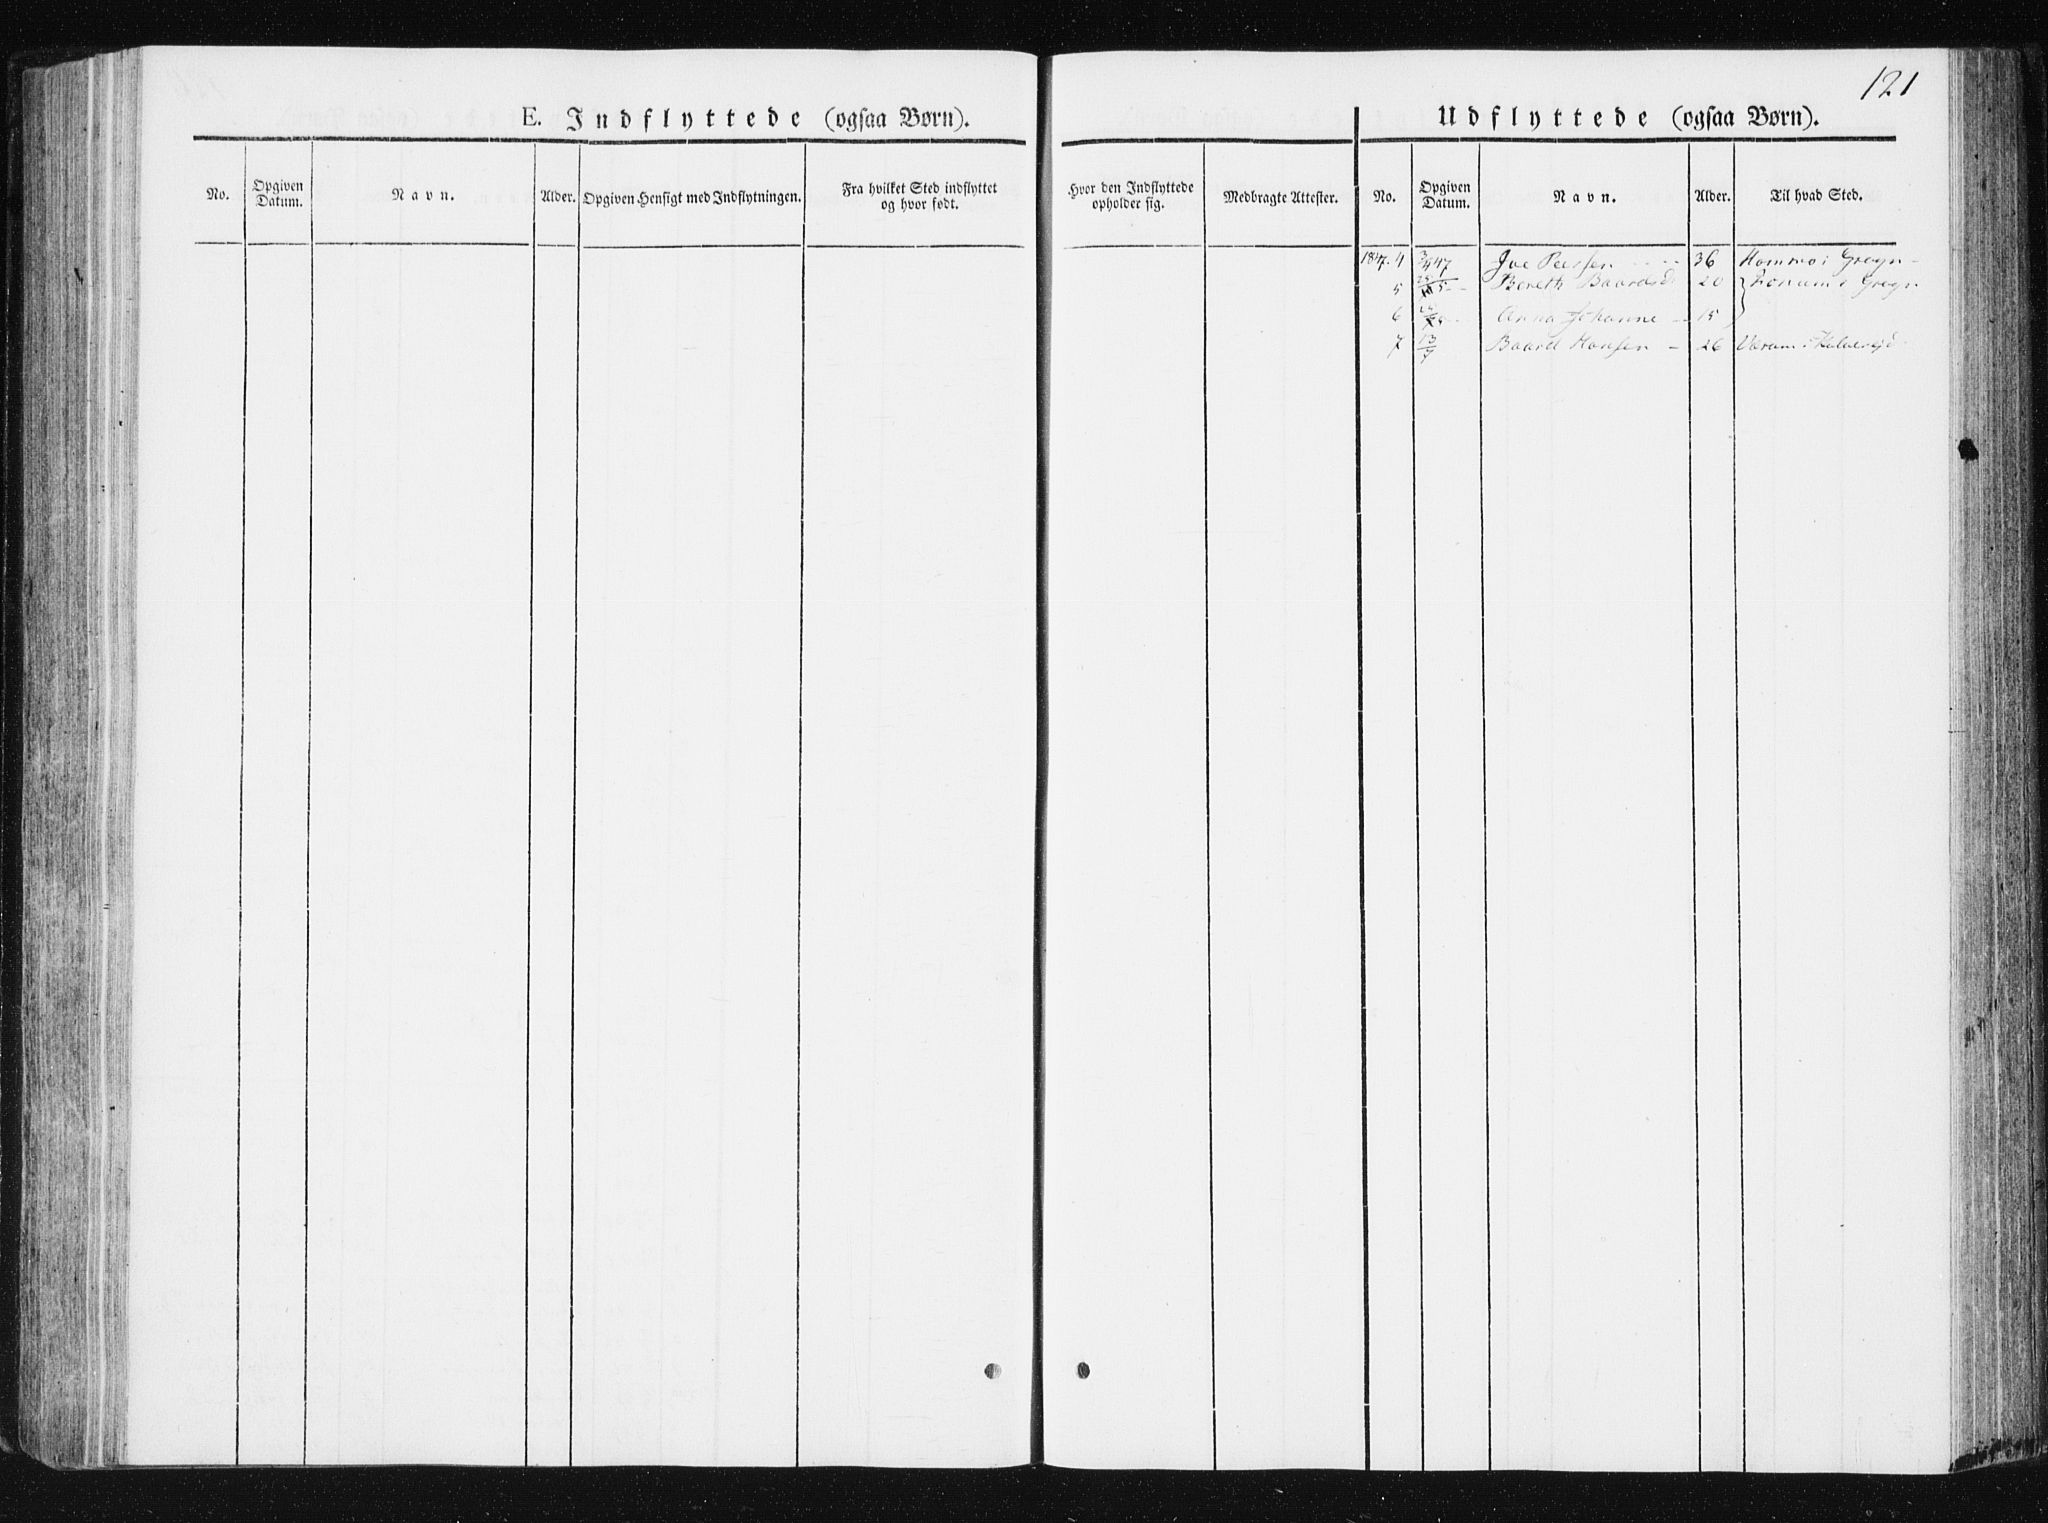 SAT, Ministerialprotokoller, klokkerbøker og fødselsregistre - Nord-Trøndelag, 749/L0470: Ministerialbok nr. 749A04, 1834-1853, s. 121